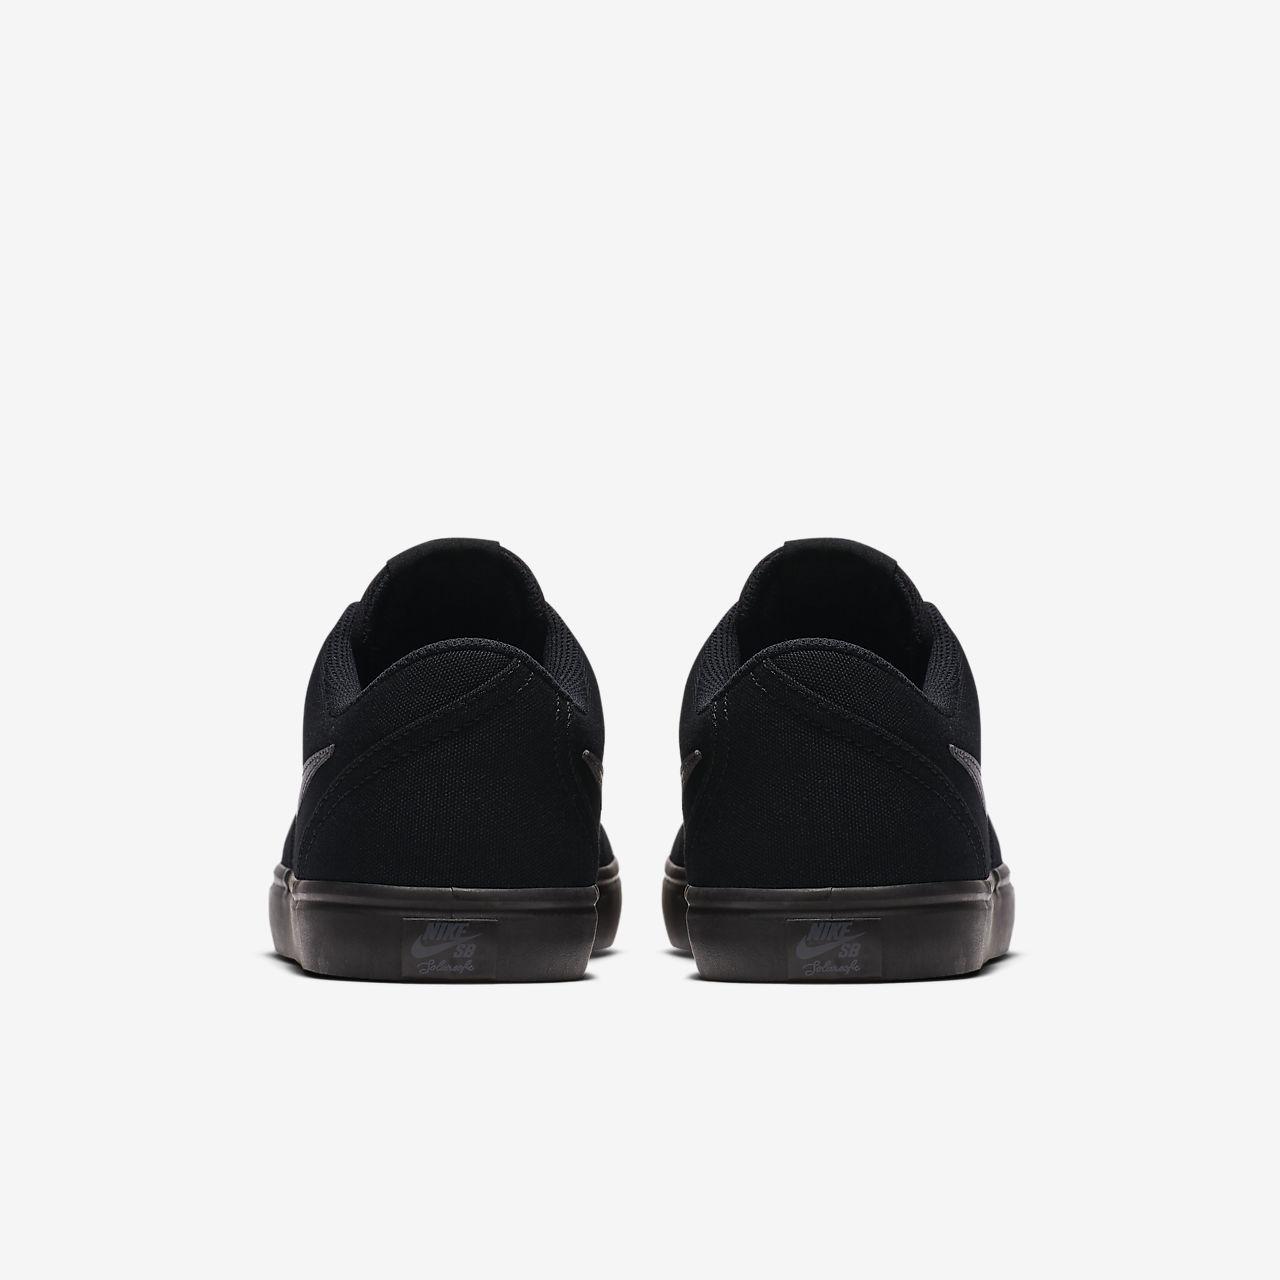 info for 630bb 91137 ... Calzado de skateboarding para hombre Nike SB Check Solarsoft Canvas